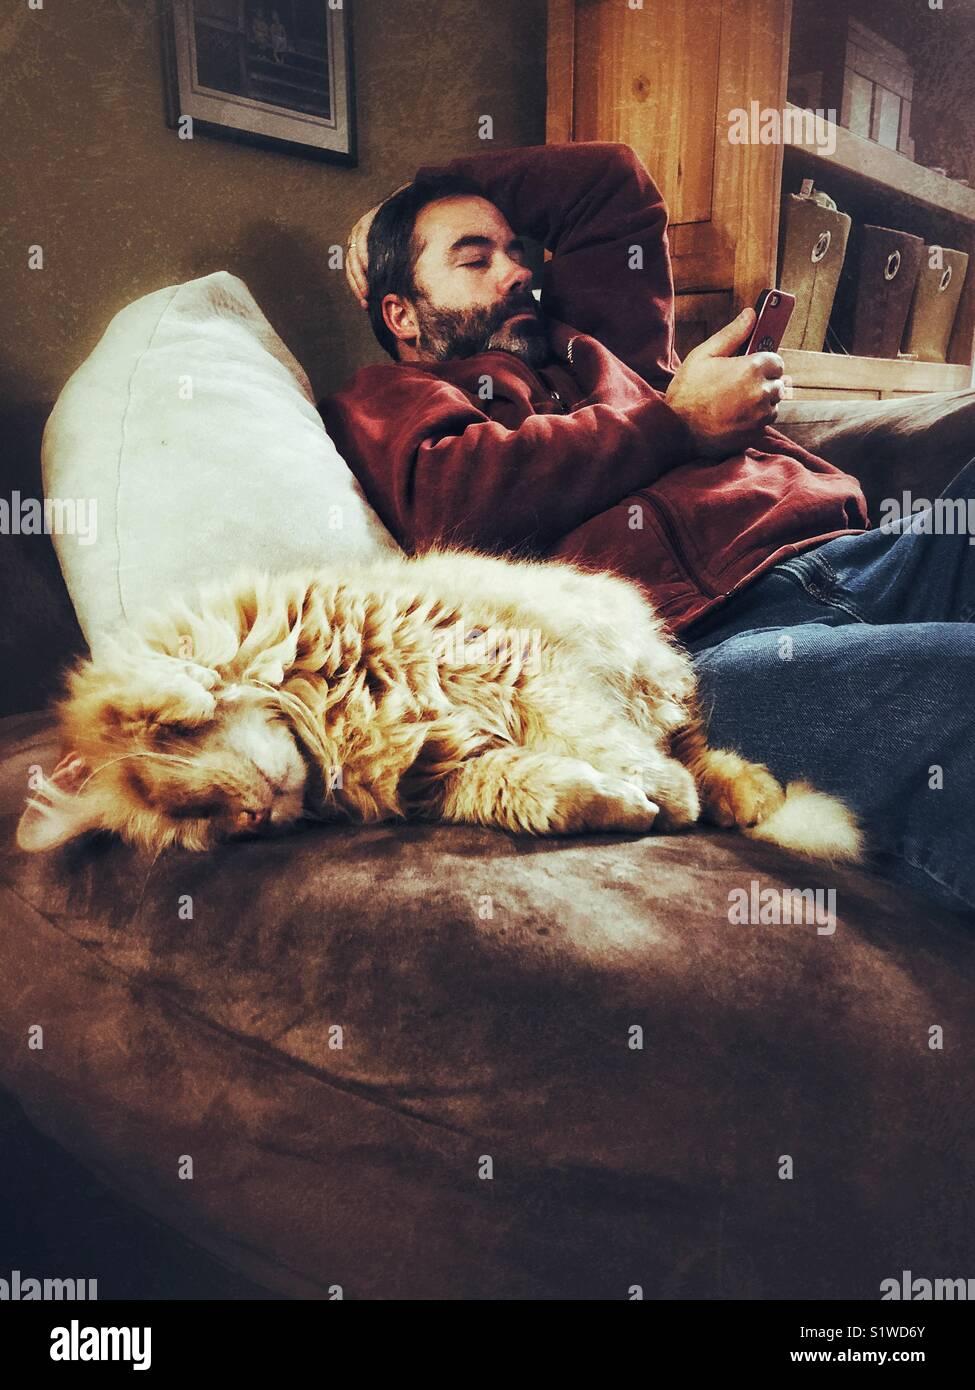 Hombre con barba oscura en el sofá relajante sillón utilizando smartphone con naranja grande gato durmiendo Imagen De Stock